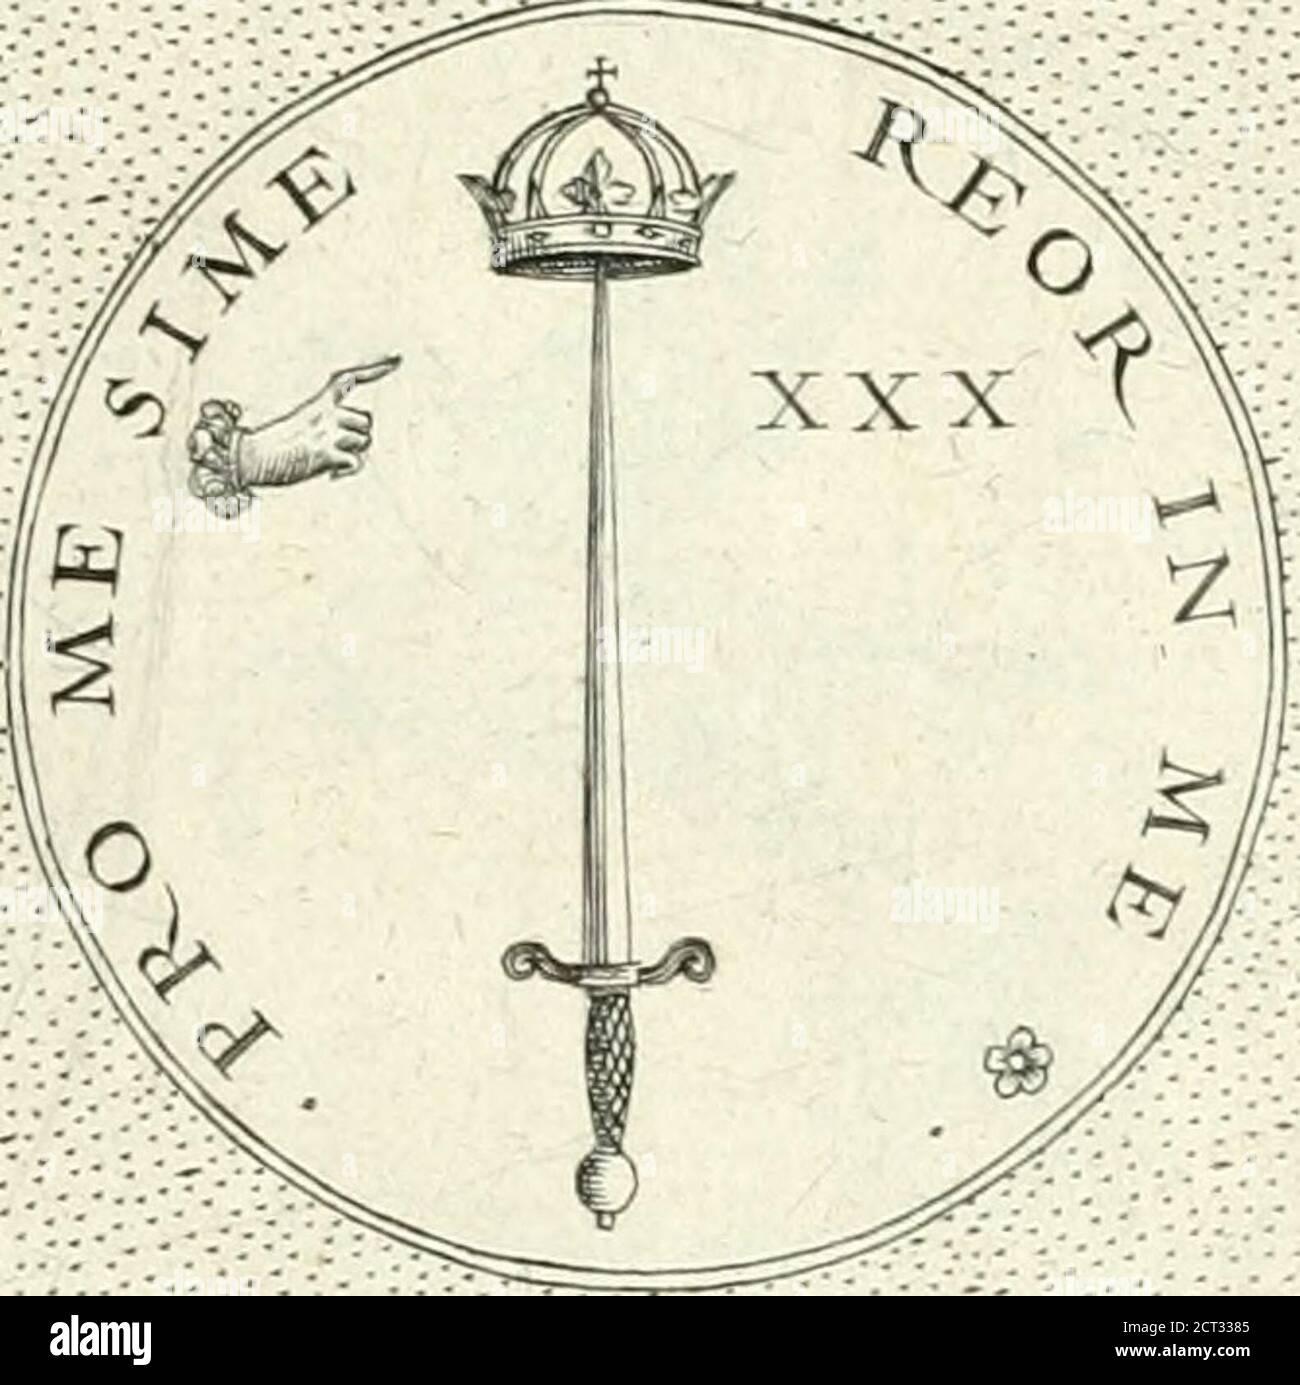 . Symbola diuina & humana pontificvm, imperatorvm, regvm : accessit breuis & facis isagoge IAC. Typotii : ex mvsaeo Octavii de Strada civis Romani : tomus primus[-tertius] . t/f ci^. W^:iv^i^^n;^>VV--^v-^^;^^^^ /^y^RSJ^ff//i^a//F. ■}:^-/^-;^}:-:-:^/;i-V:-;:<:-^y^lpfimsm u/. J^P<7ft/^a///r. ^YJ^h//sus /u/. JI^TJ^o/^/^a//F. Banque D'Images